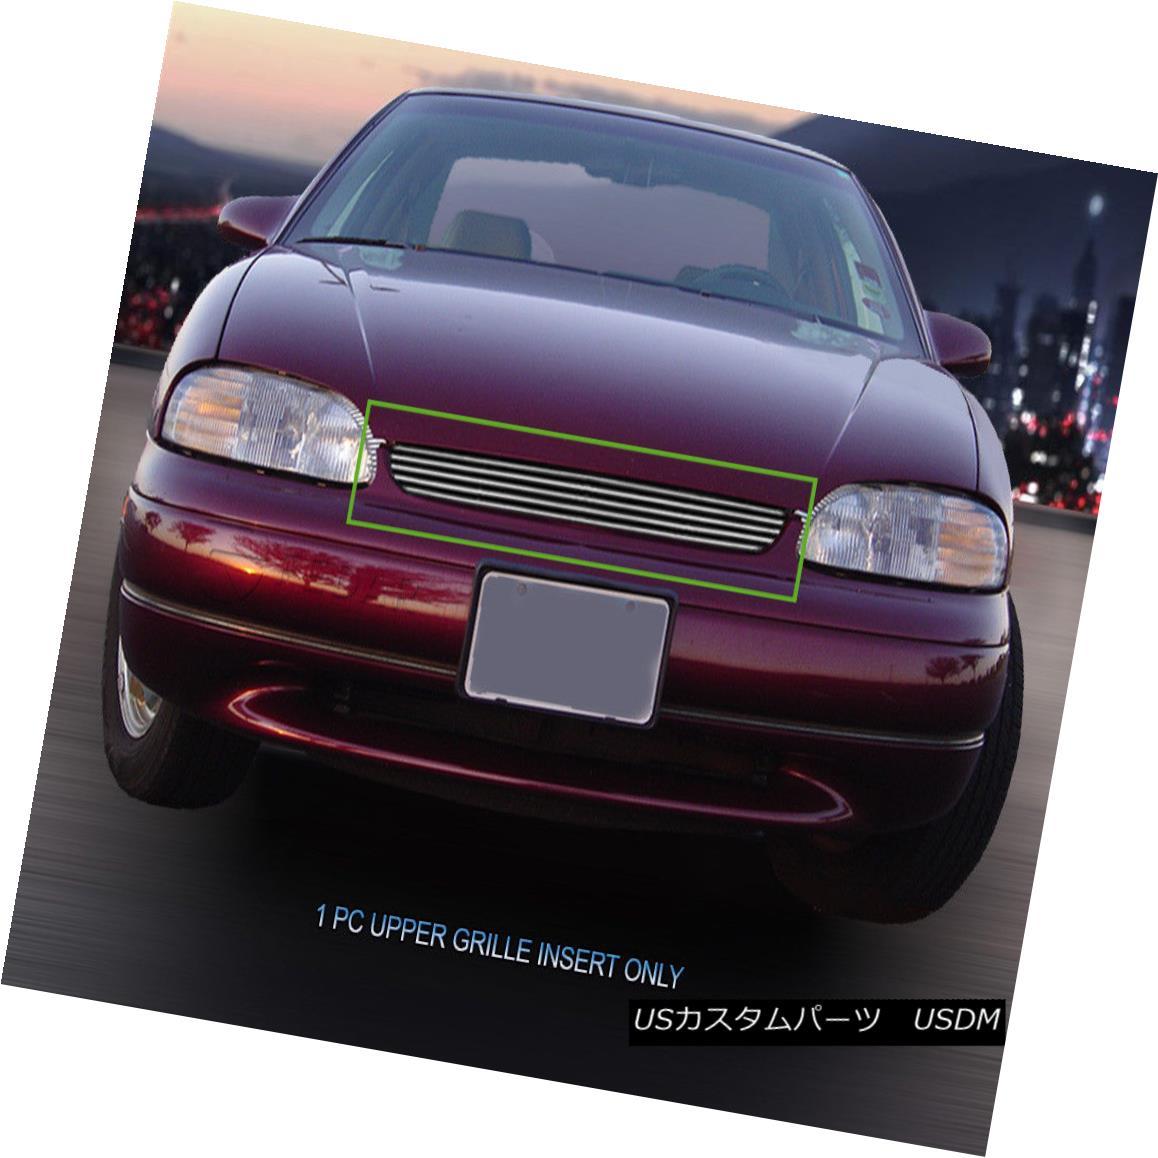 グリル Fits 1995-1999 Chevrolet Monte Carlo Aluminum Billet Grille Insert Fedar フィット1995-1999シボレーモンテカルロアルミビレットグリルインサートFedar